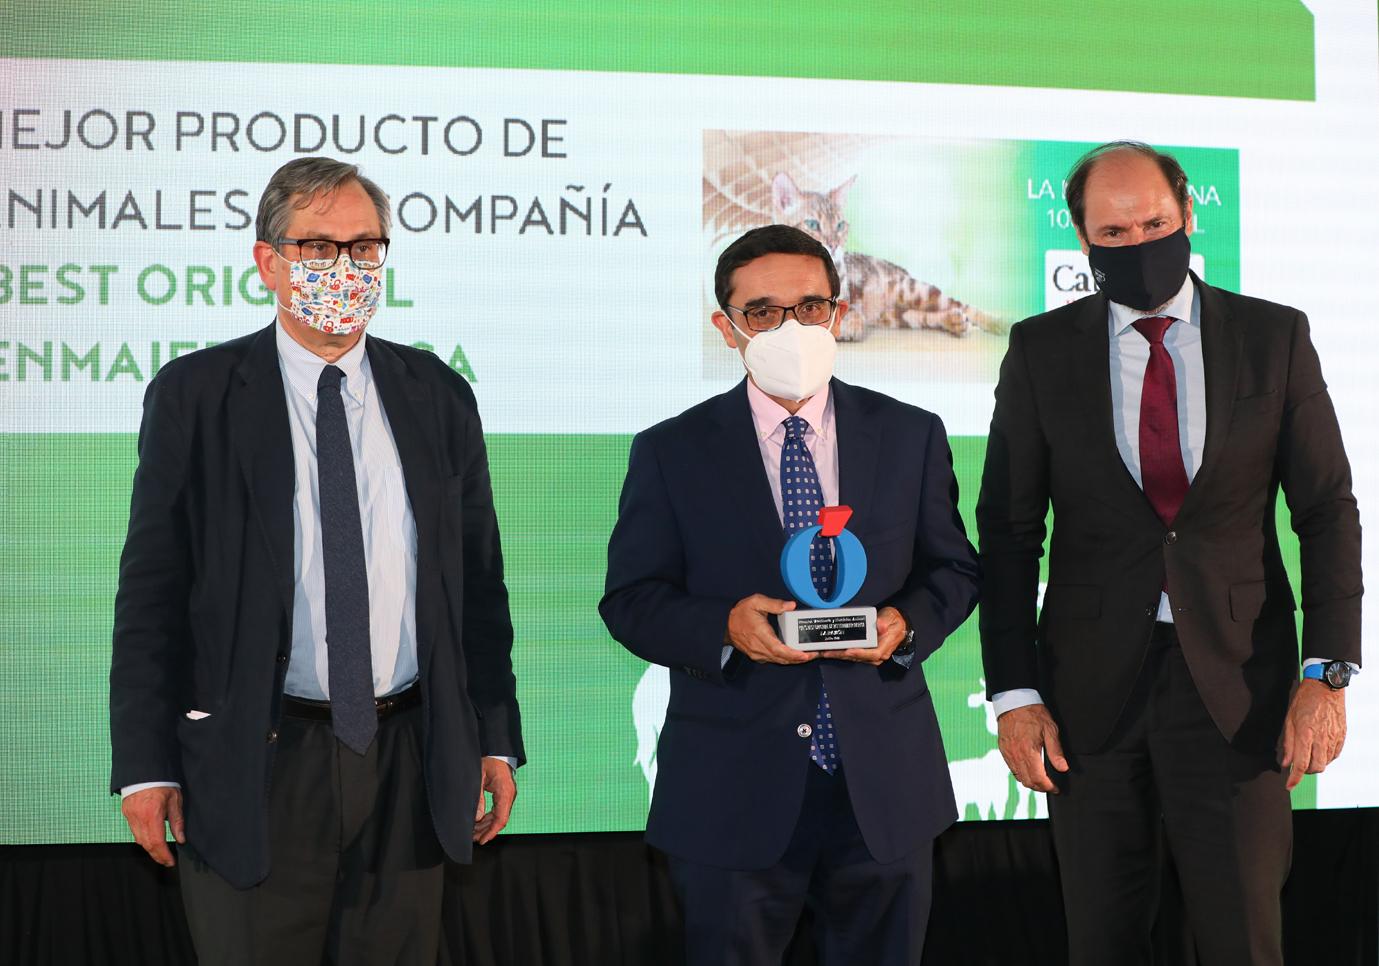 Rettenmaier Ibérica premiado en los  1º Premios Veterinaria y Nutrición Animal de La Razón como mejor producto de higiene para animales de compañía